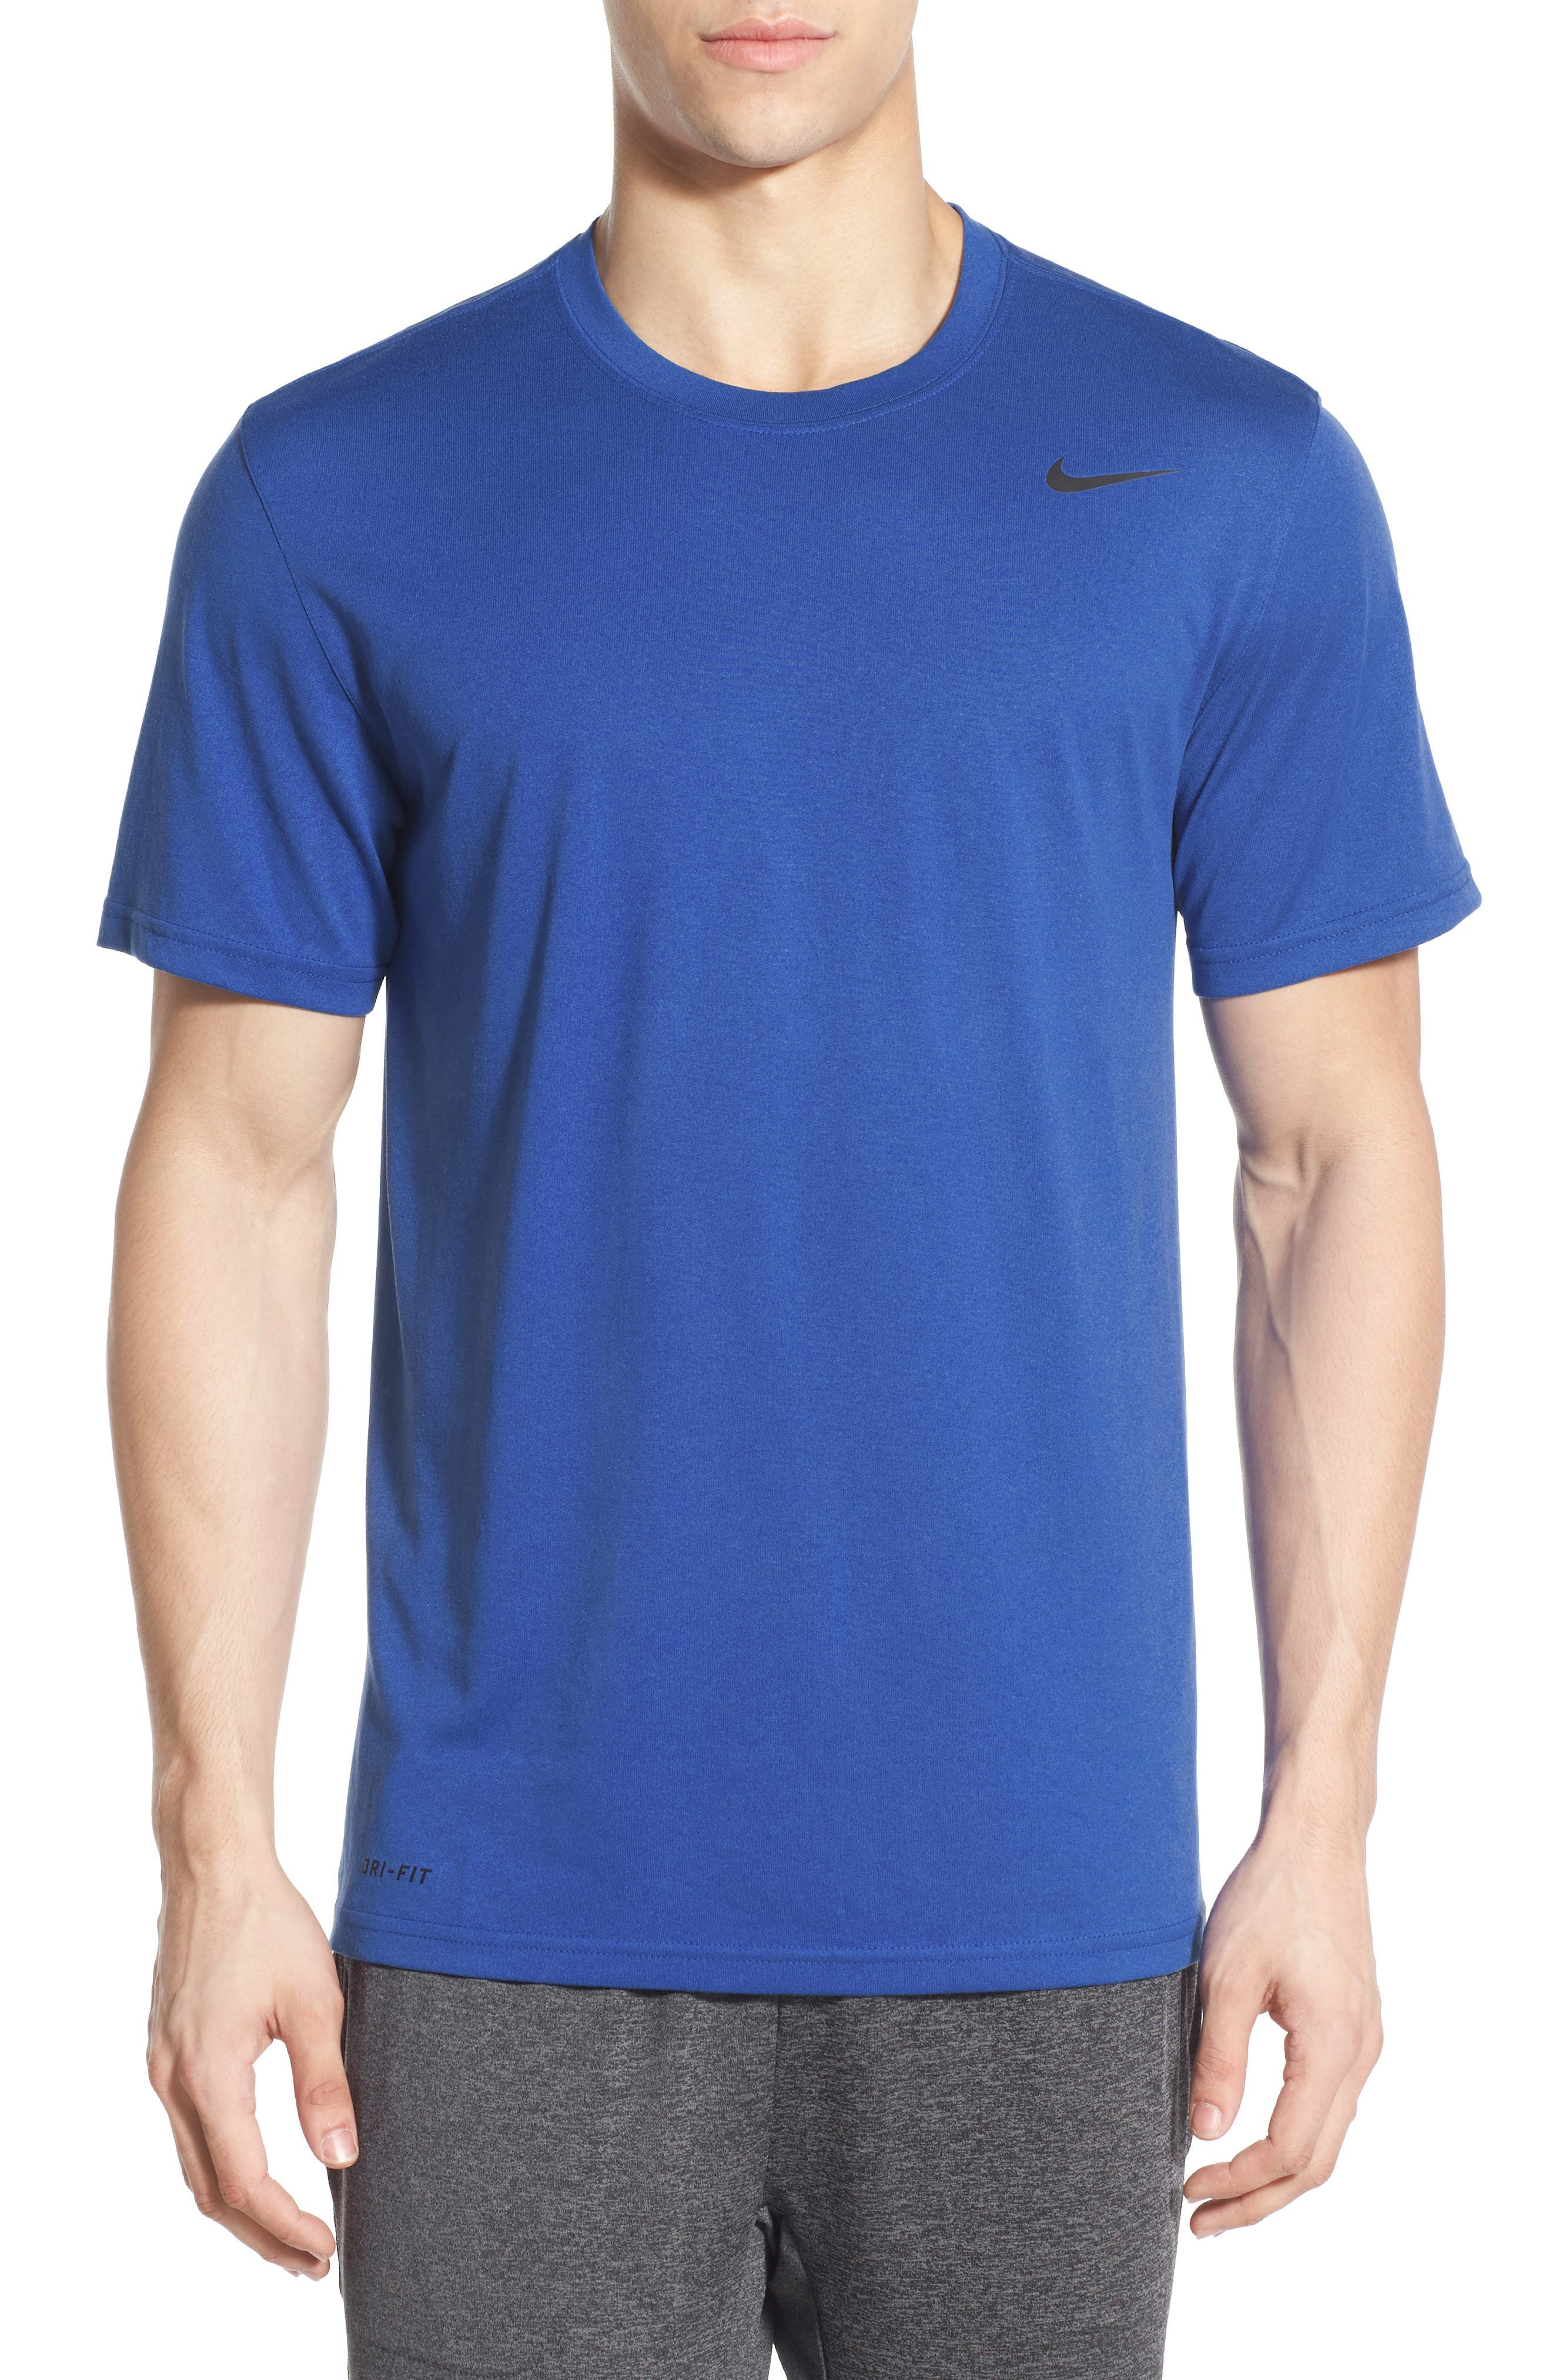 'Legend 2.0' Dri-FIT Training T-Shirt,                             Alternate thumbnail 7, color,                             GAME ROYAL/ BLACK/ BLACK